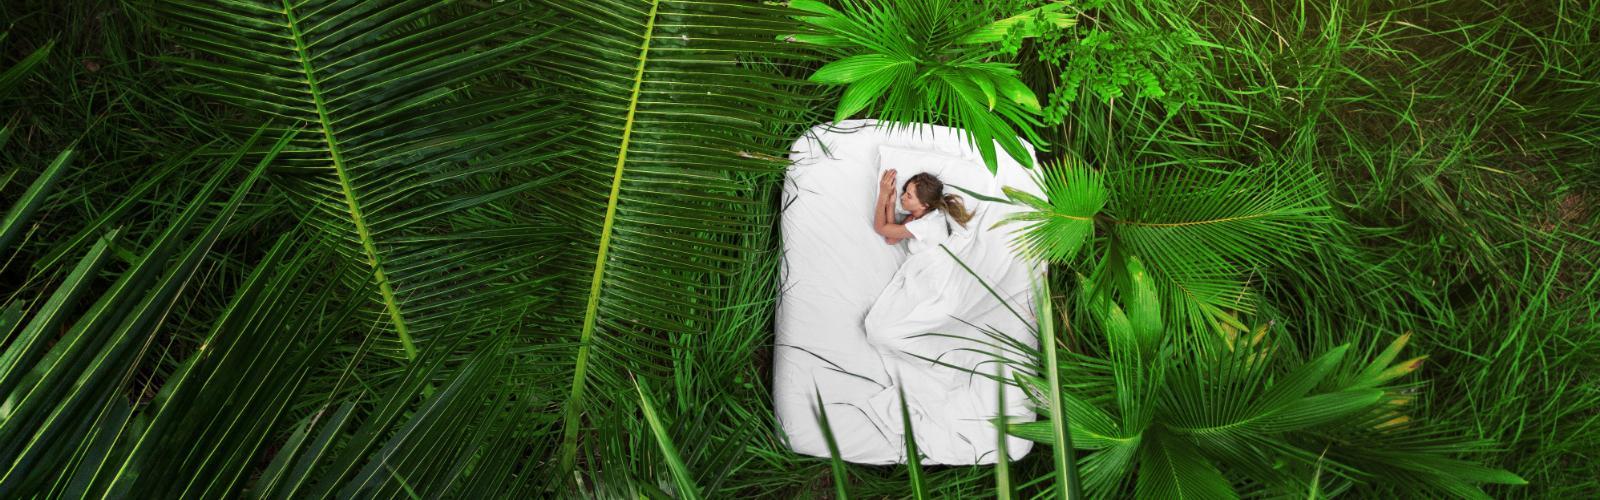 Dormir Sueño Dinafem Seeds